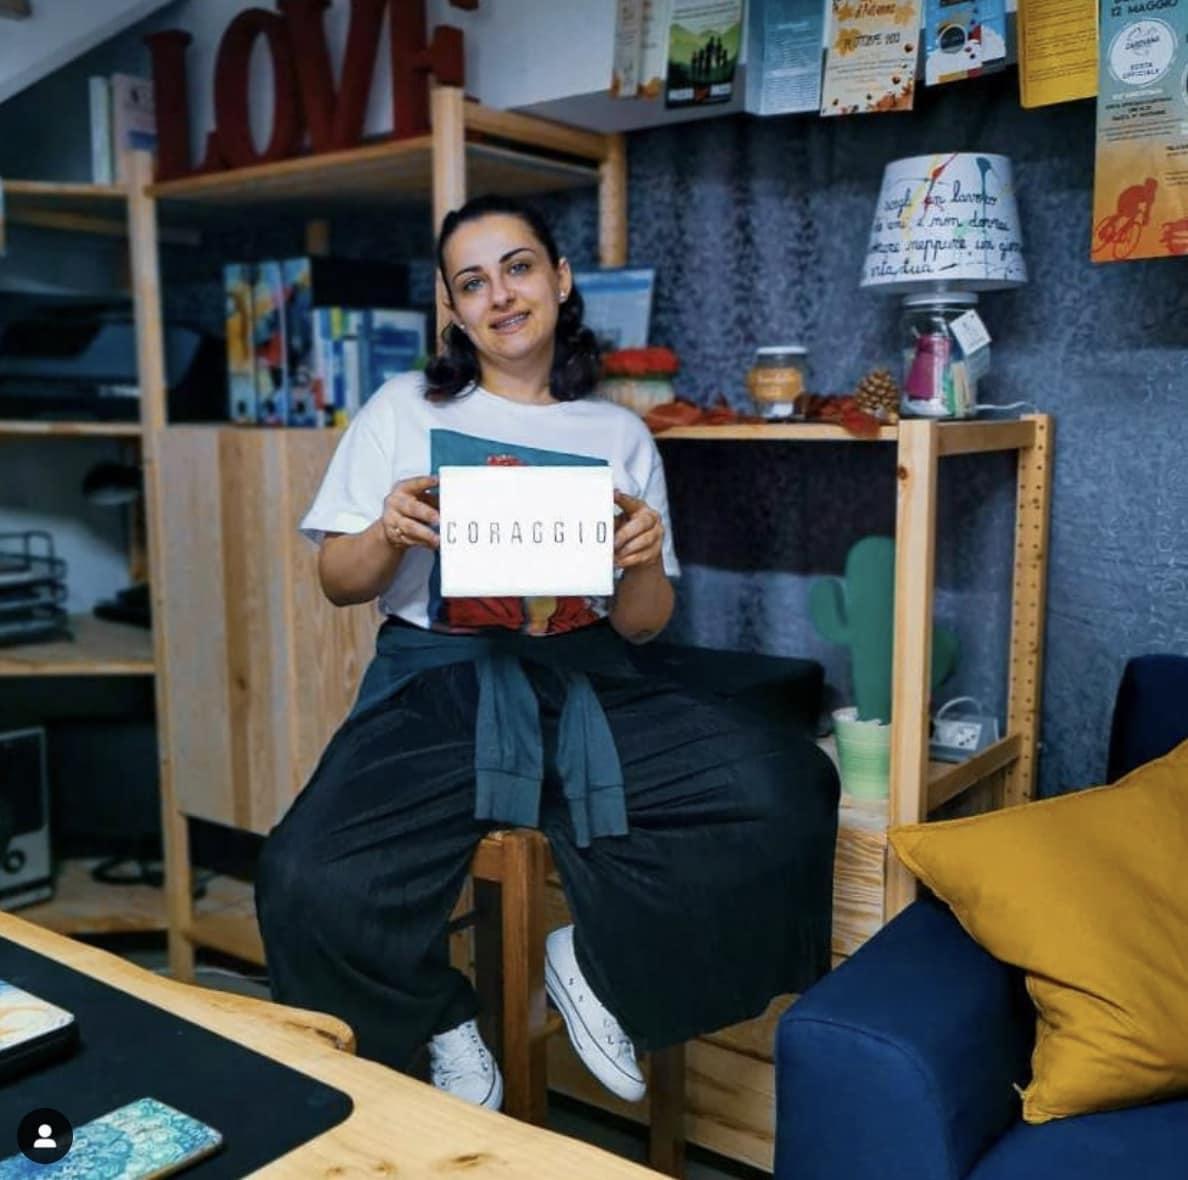 Leonteweb di Sara Cosimano Il 4° compleanno di Leonteweb Blog